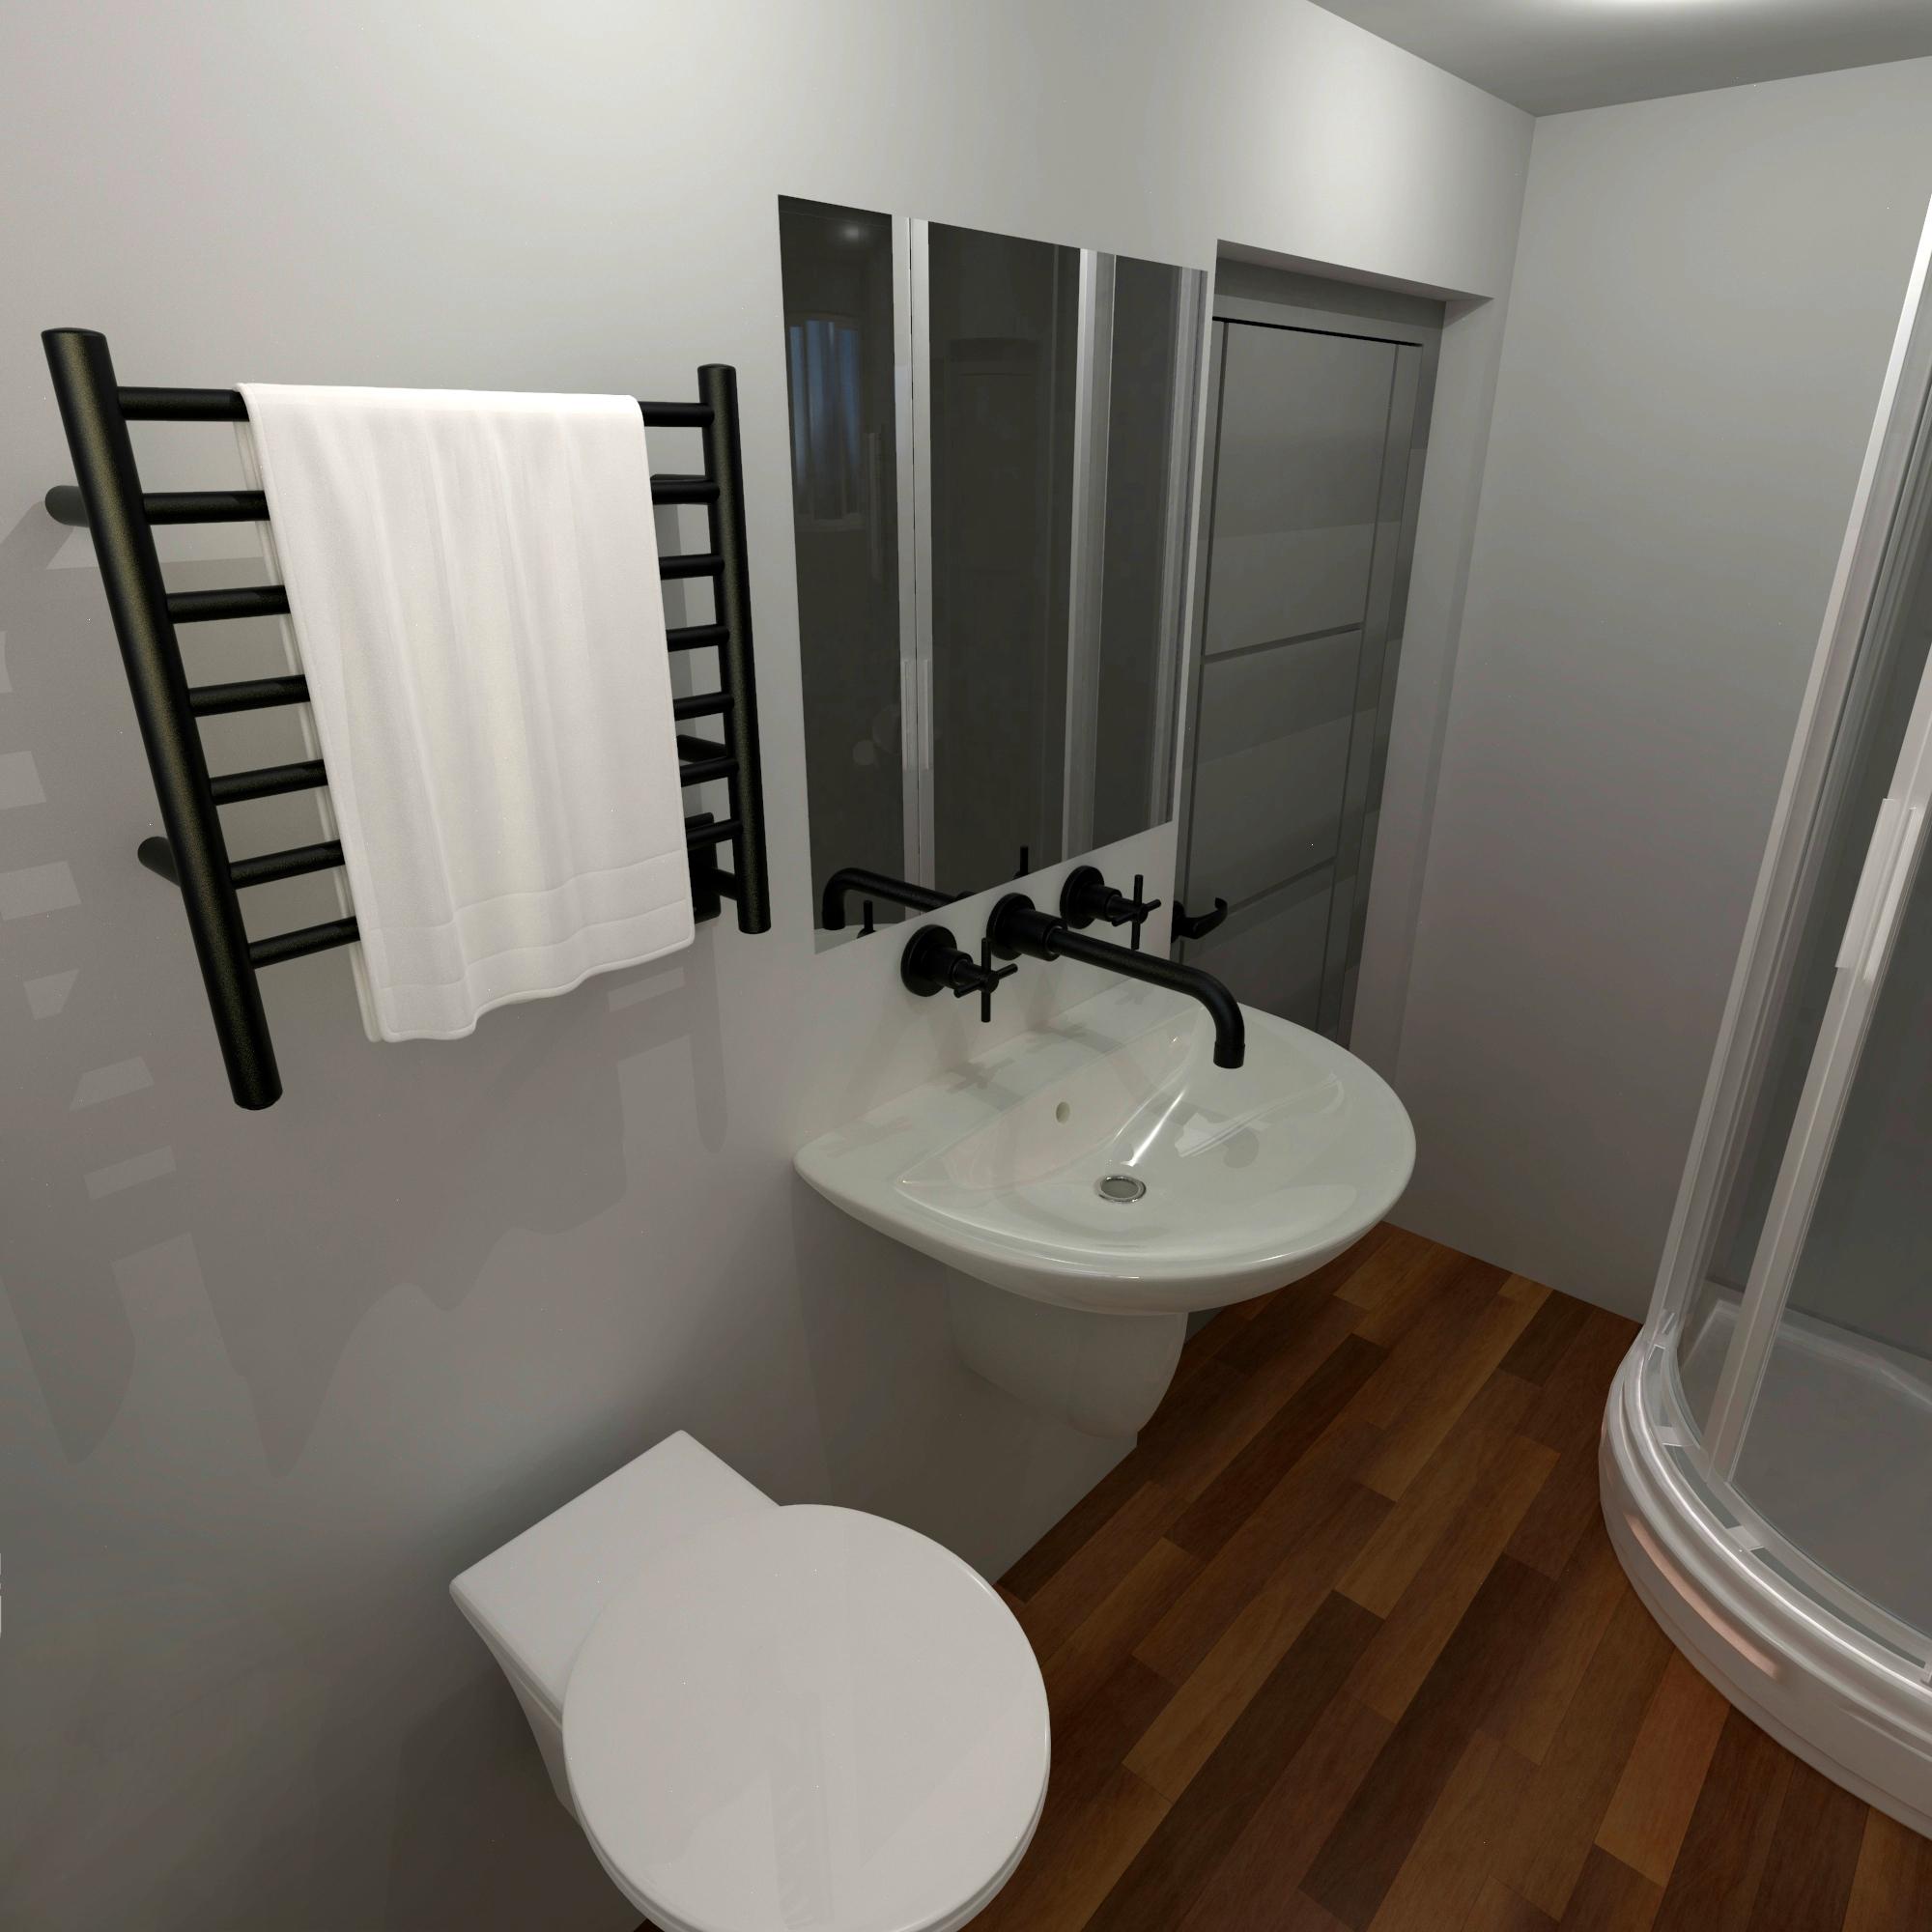 Heated Towel Rack Builder, Towel Racks In Small Bathrooms